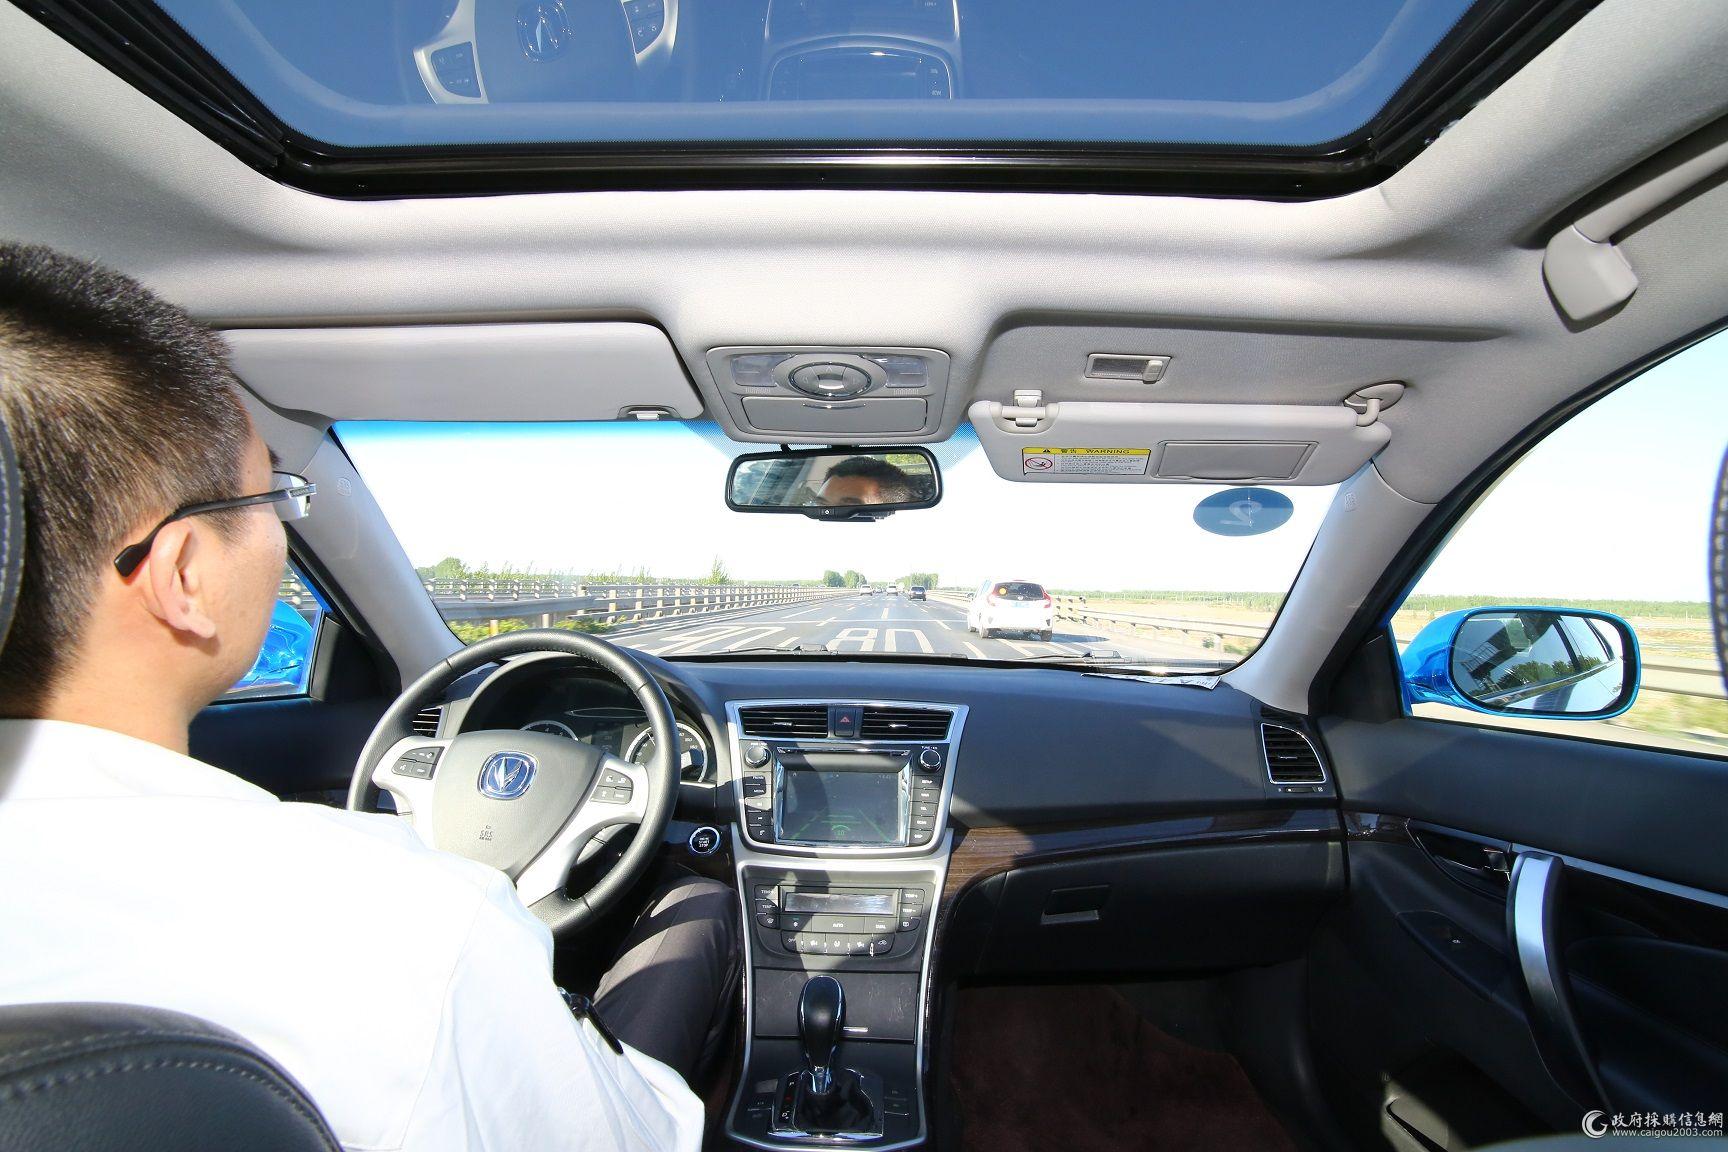 长安无人驾驶汽车-无人驾驶测试成功 为长安勇于创新点赞高清图片